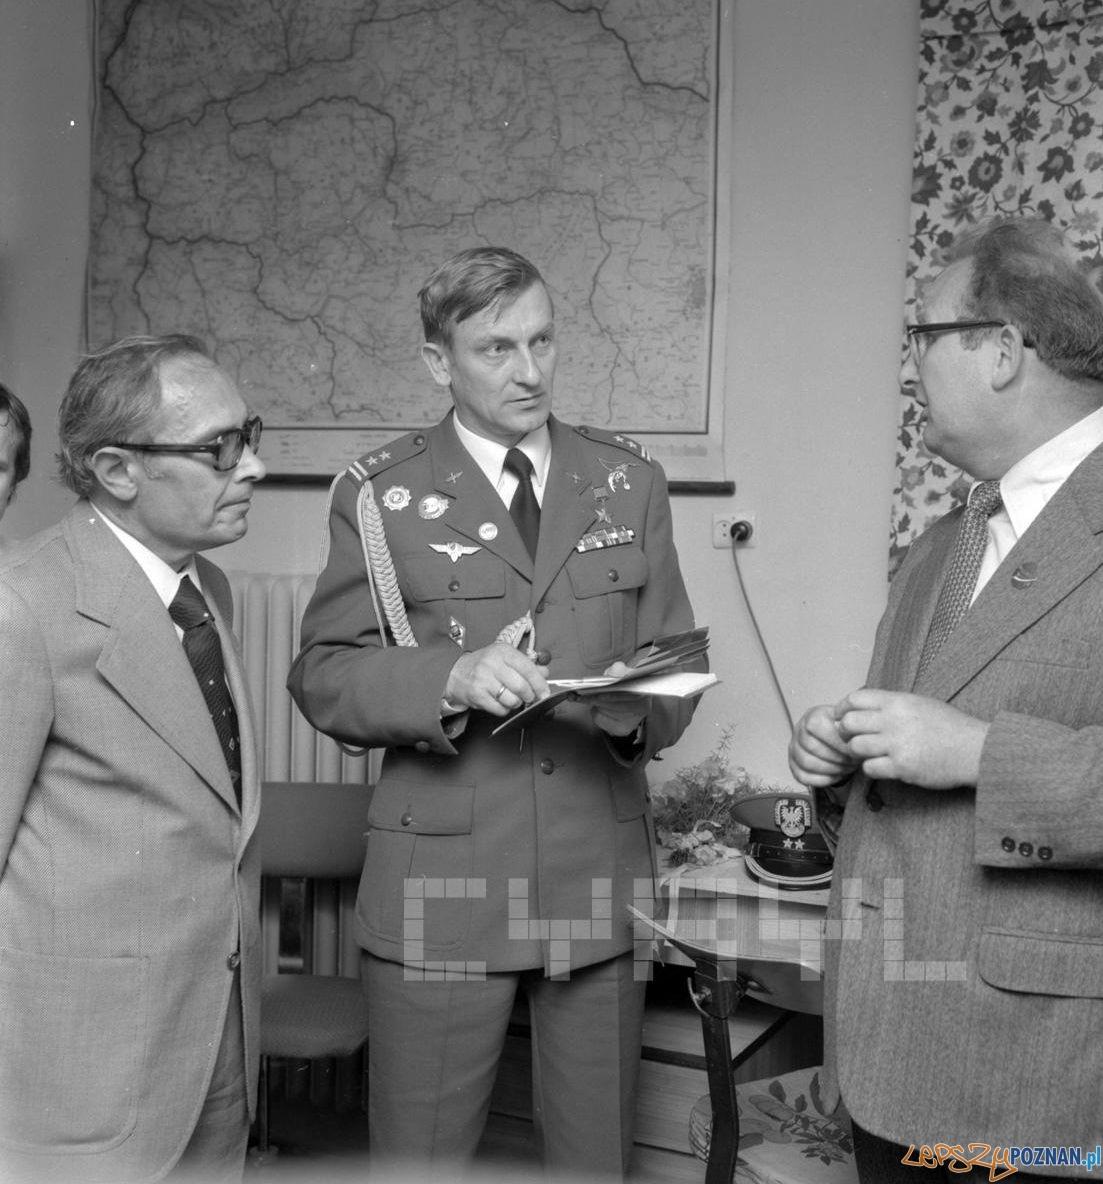 M. Hermaszewski P. Klimuk - 28.07.1978 [S.Wiktor Cyryl] (5)  Foto: Stanisław Wiktor / Cyryl